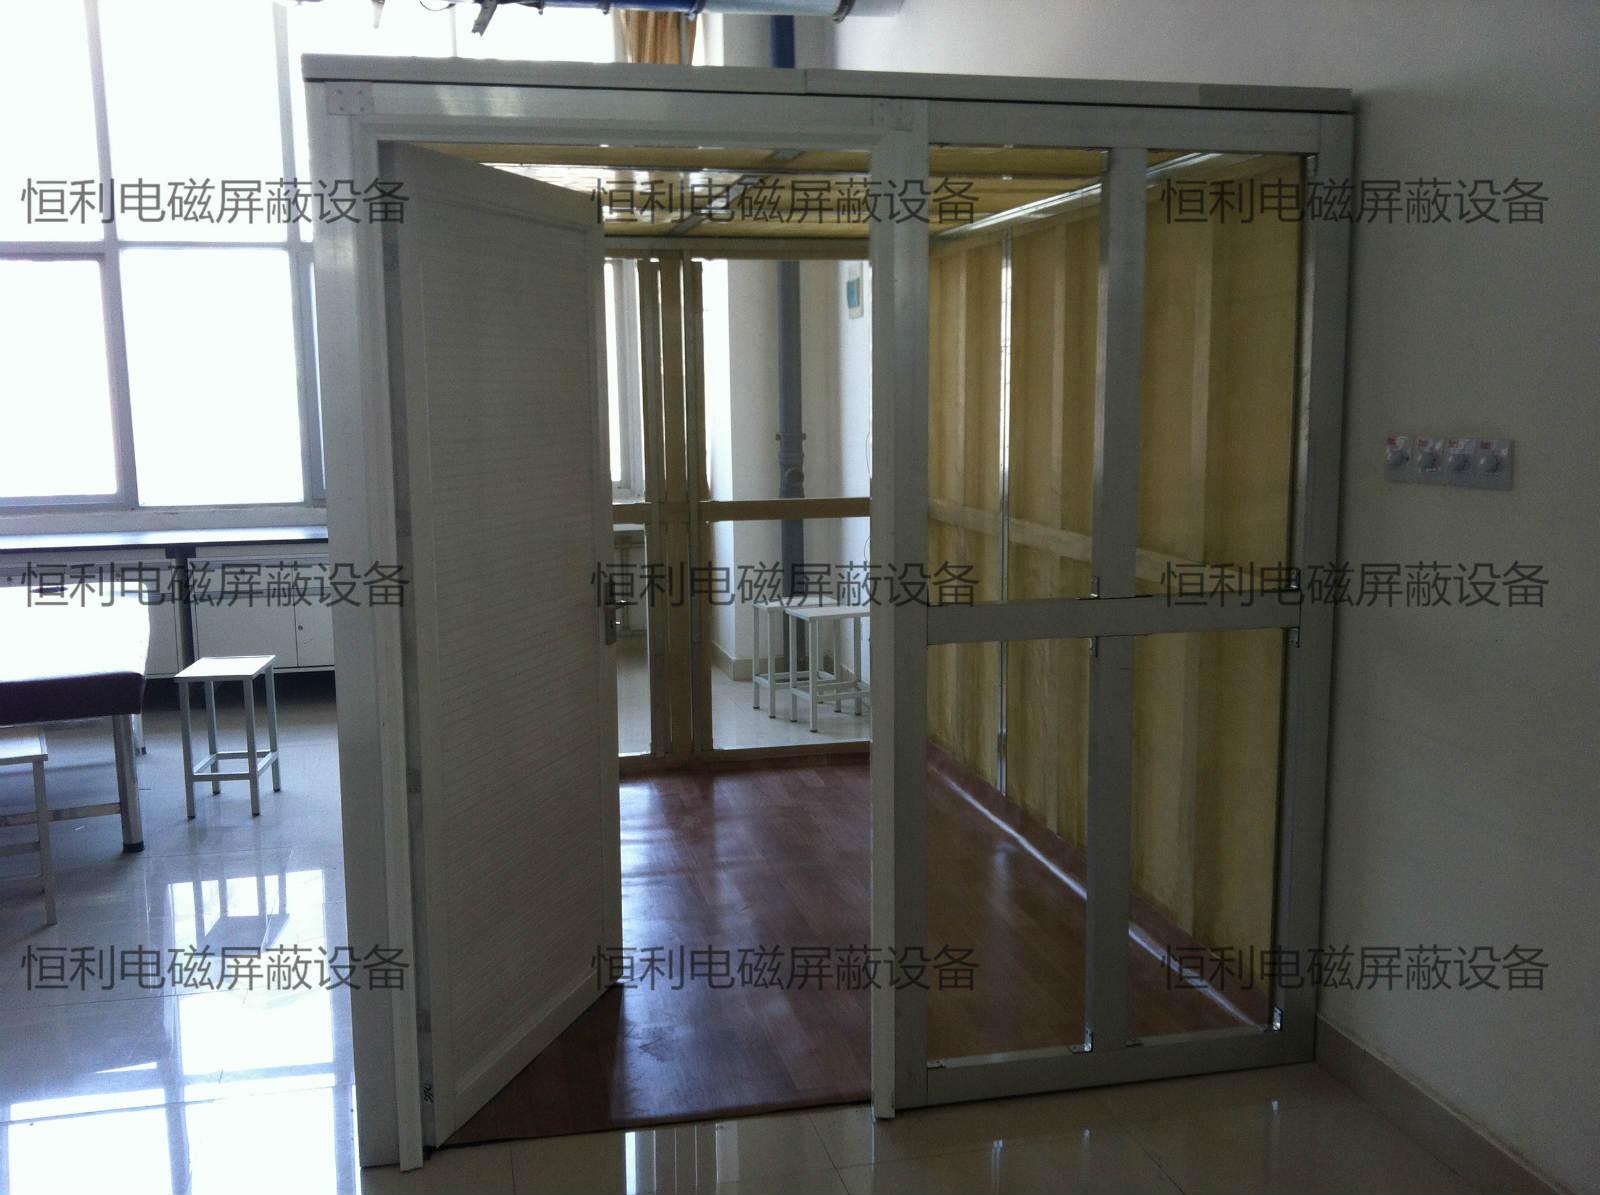 銅網式屏蔽室